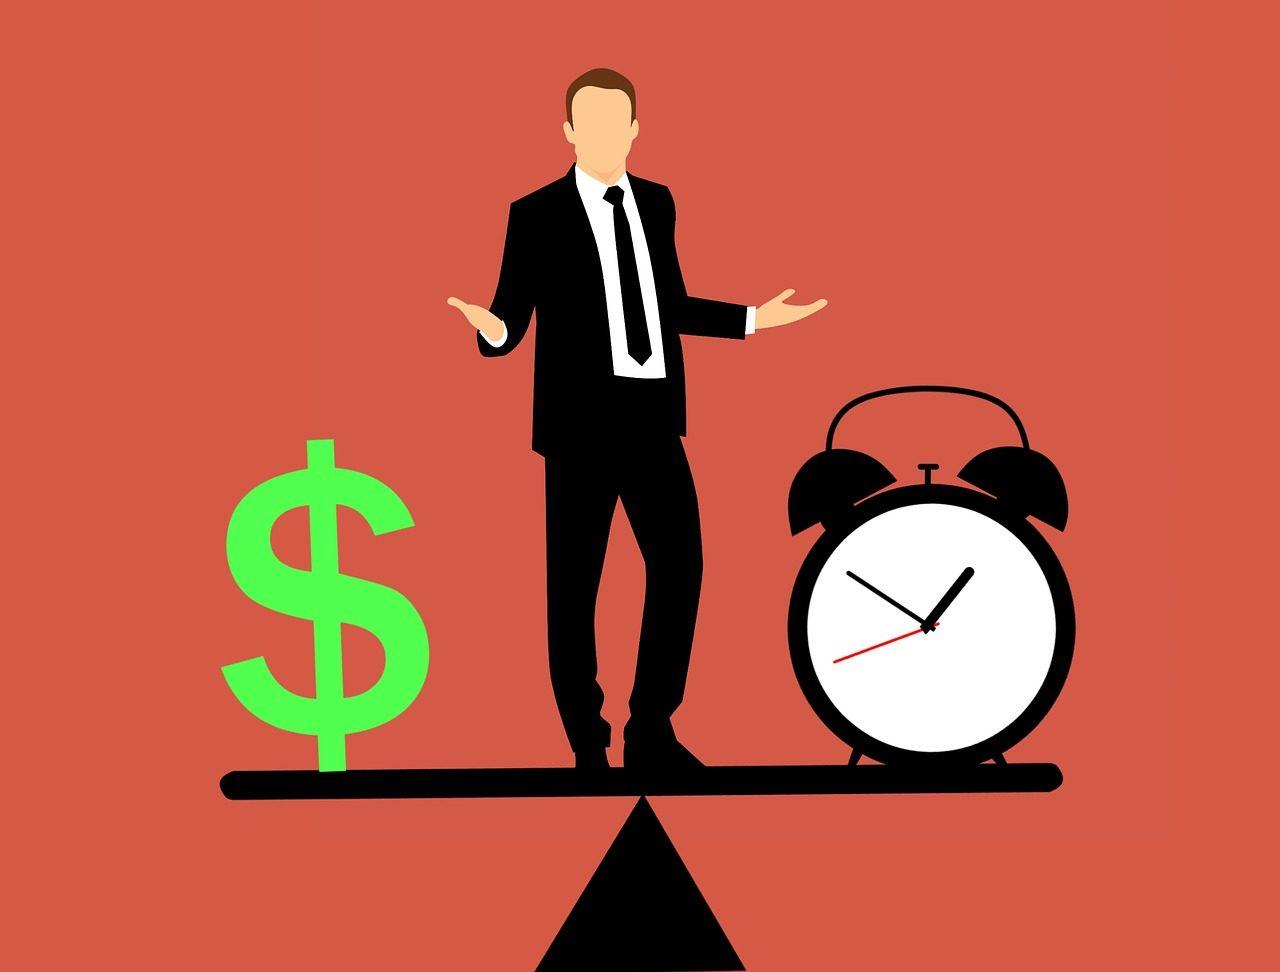 Réduction de l'horaire de travail (RHT)